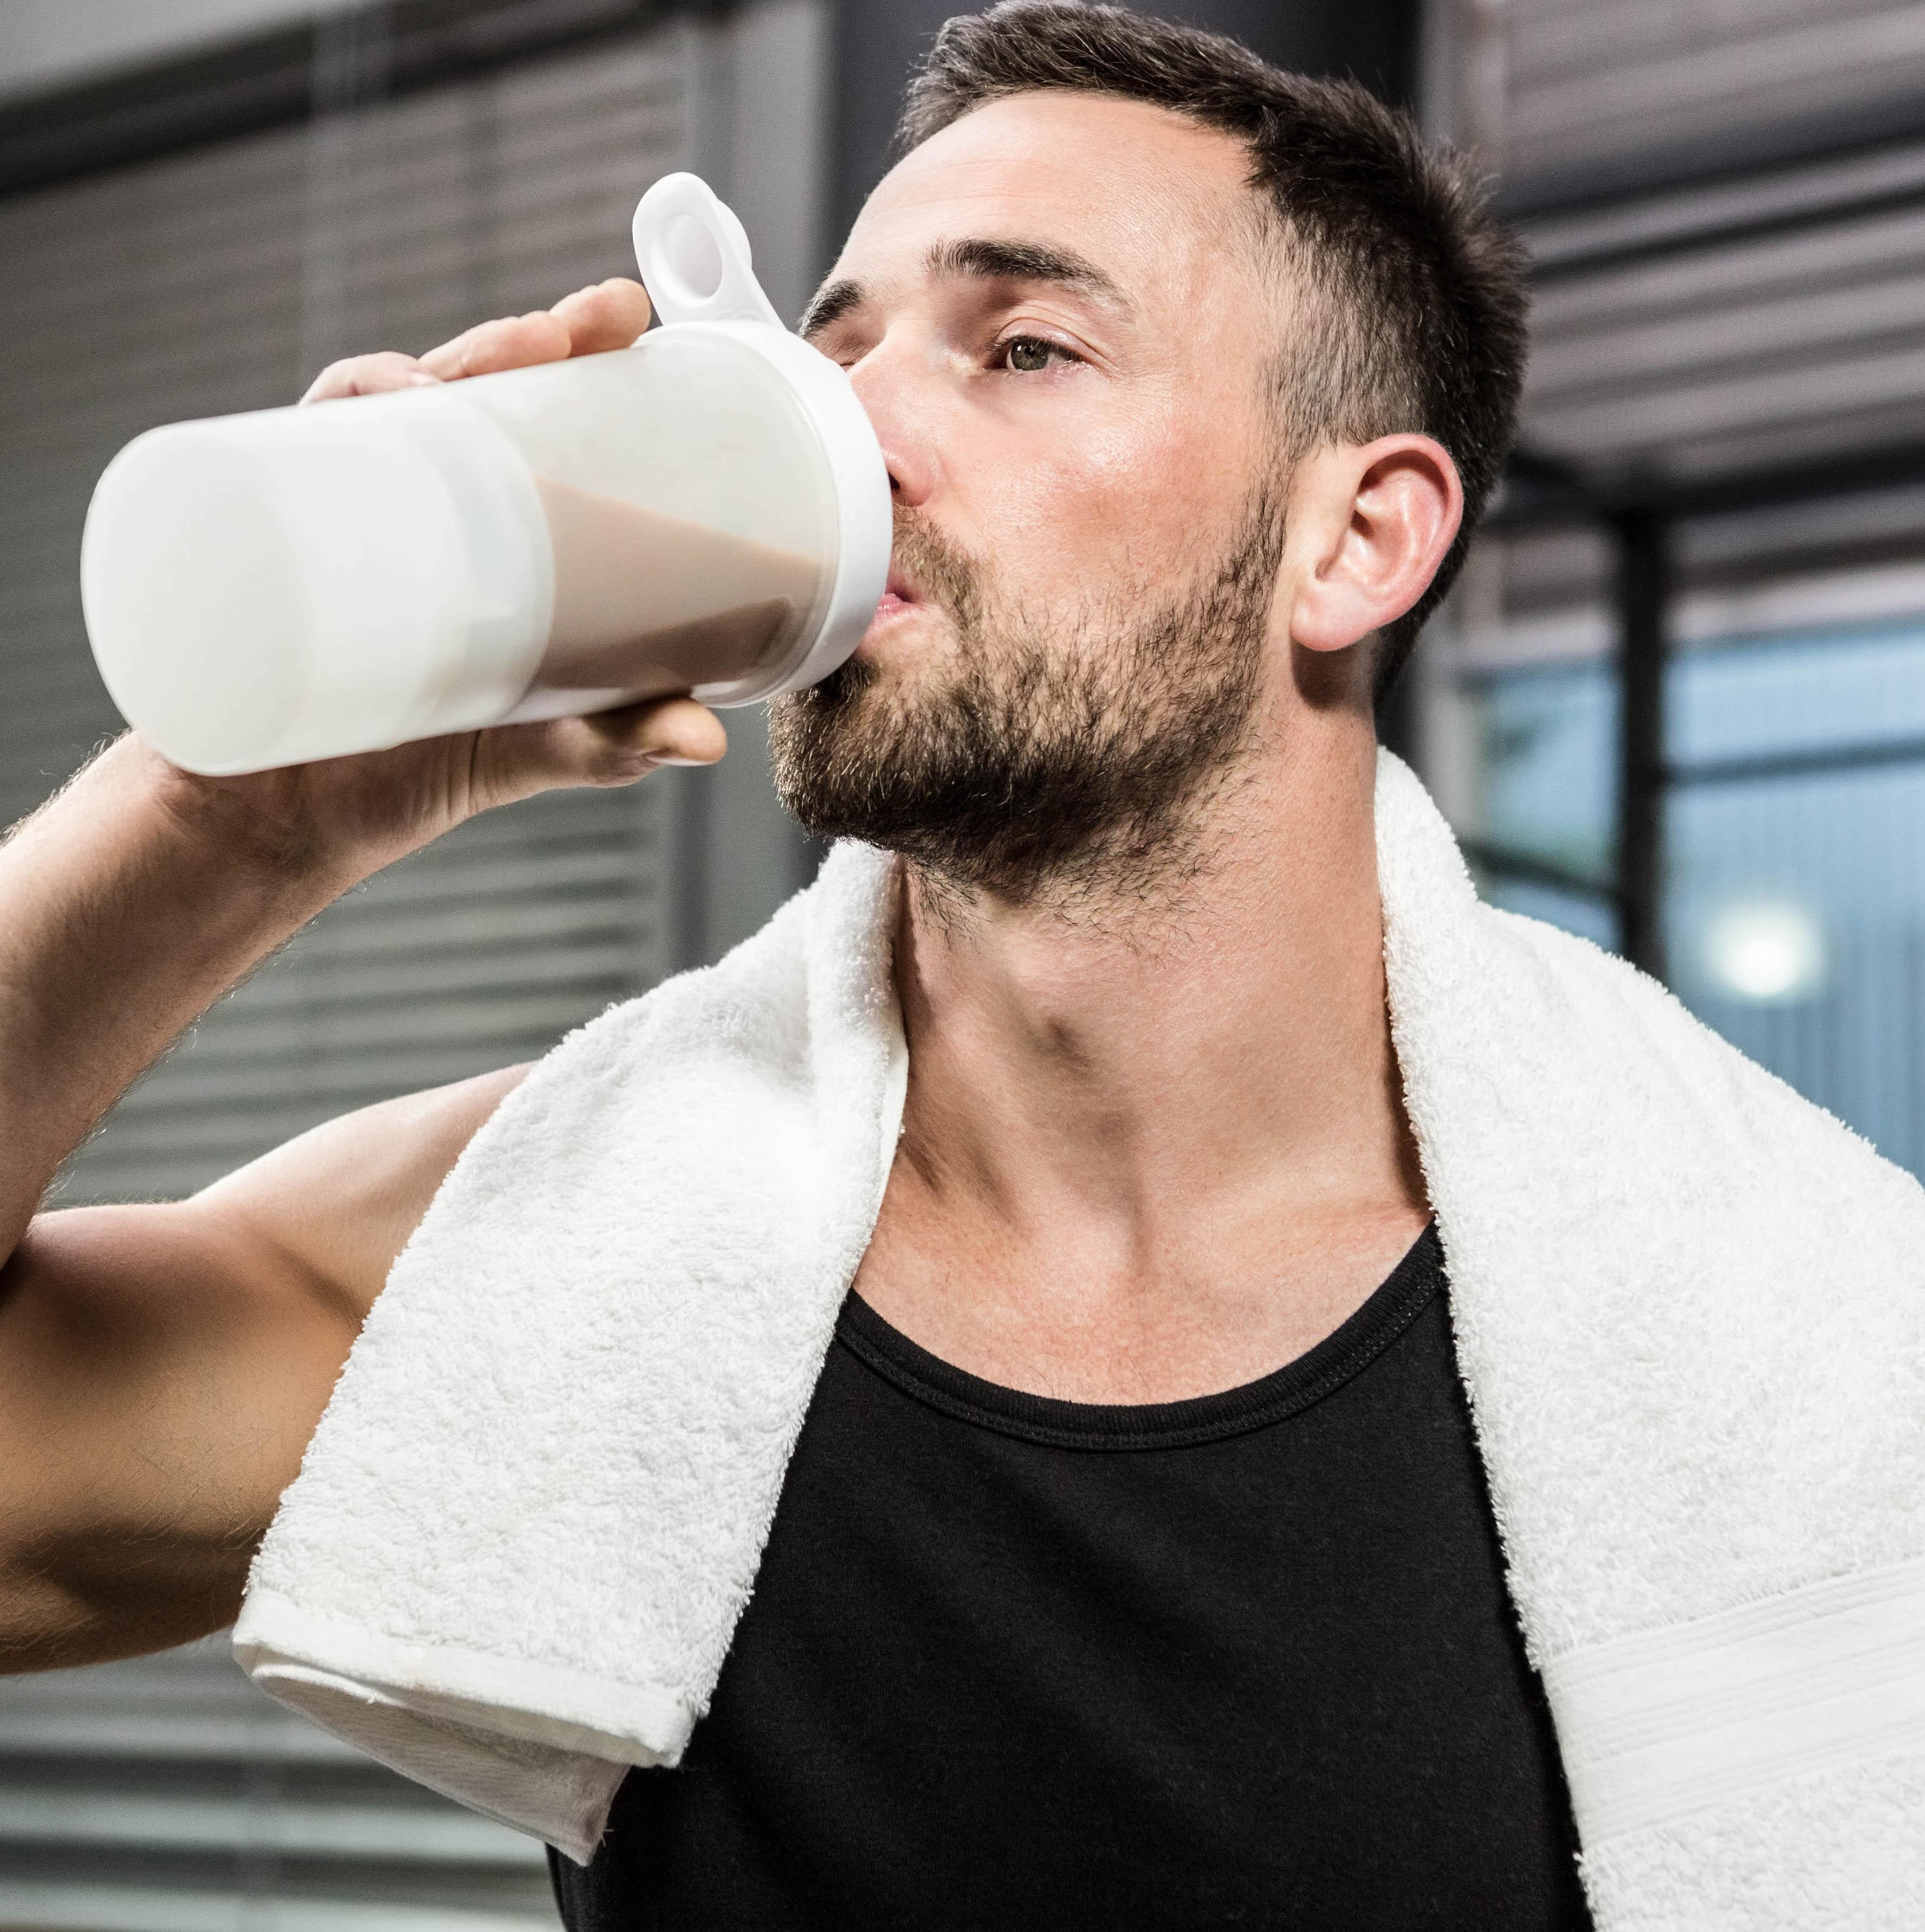 Co jíst po cvičení?